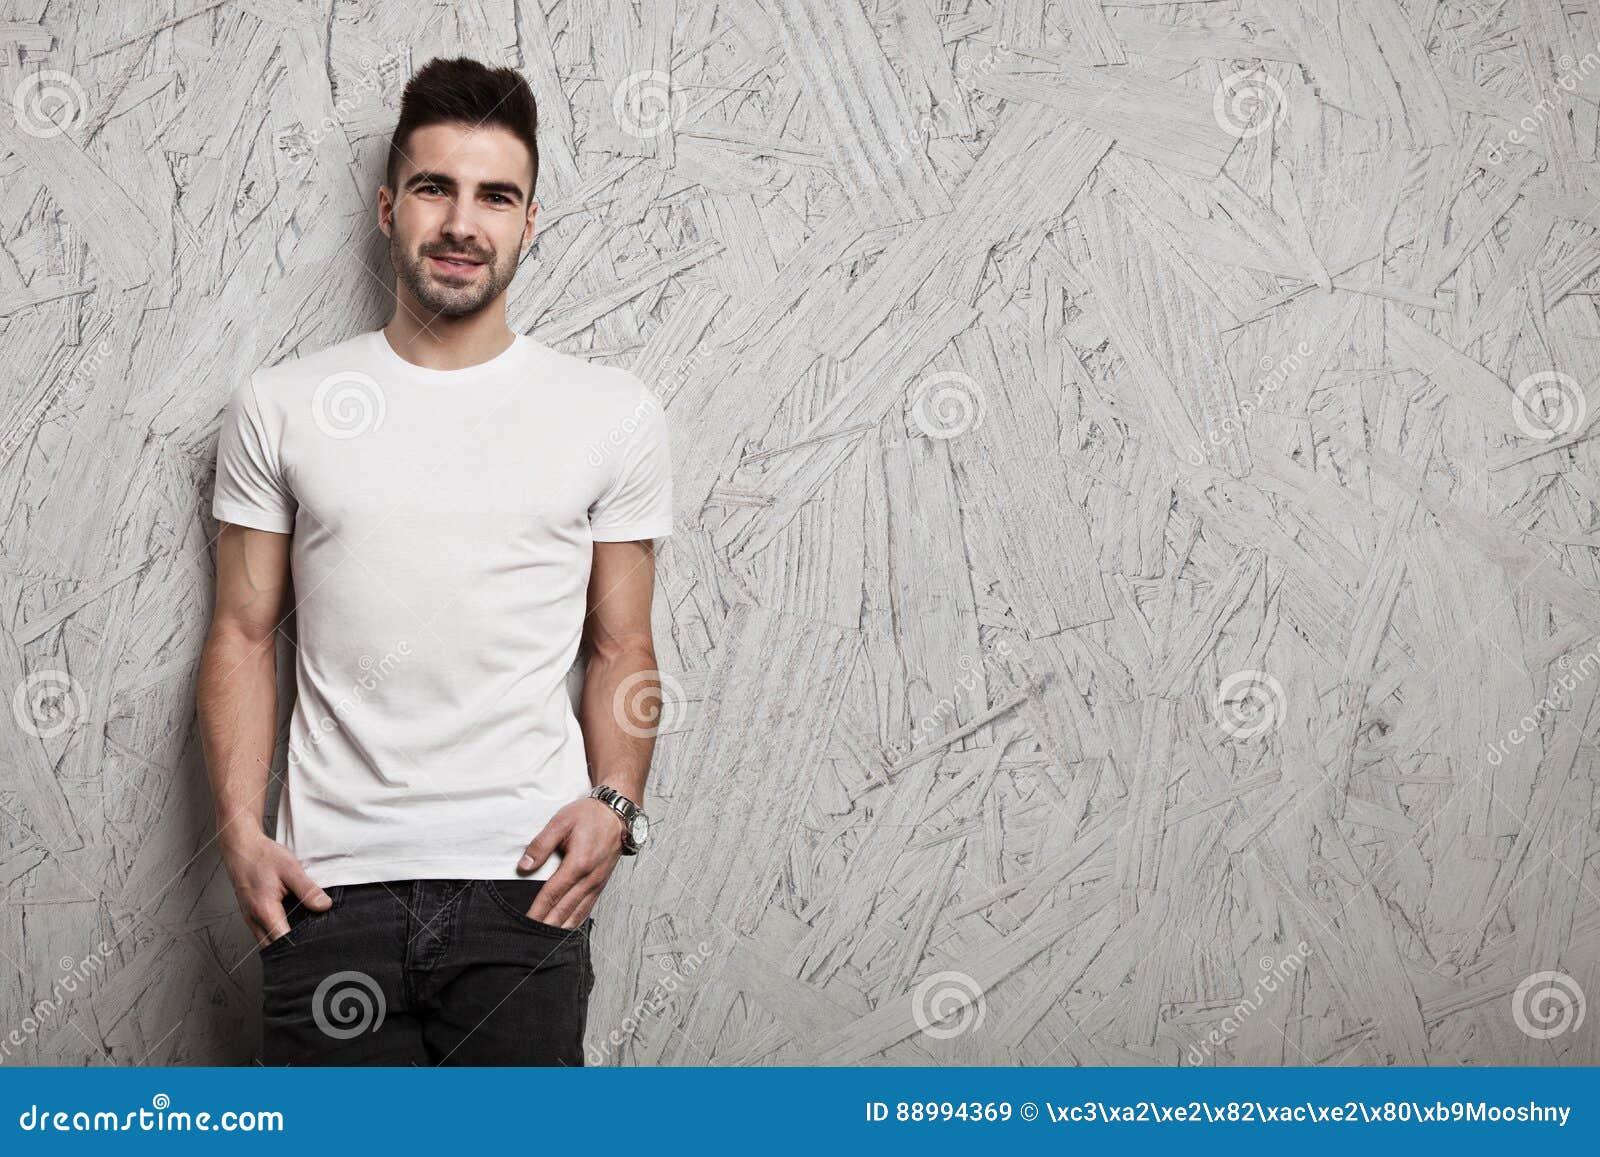 eeeb922d8 Hombre sonriente en la camiseta en blanco blanca, y fondo de madera de la  pared de OSB